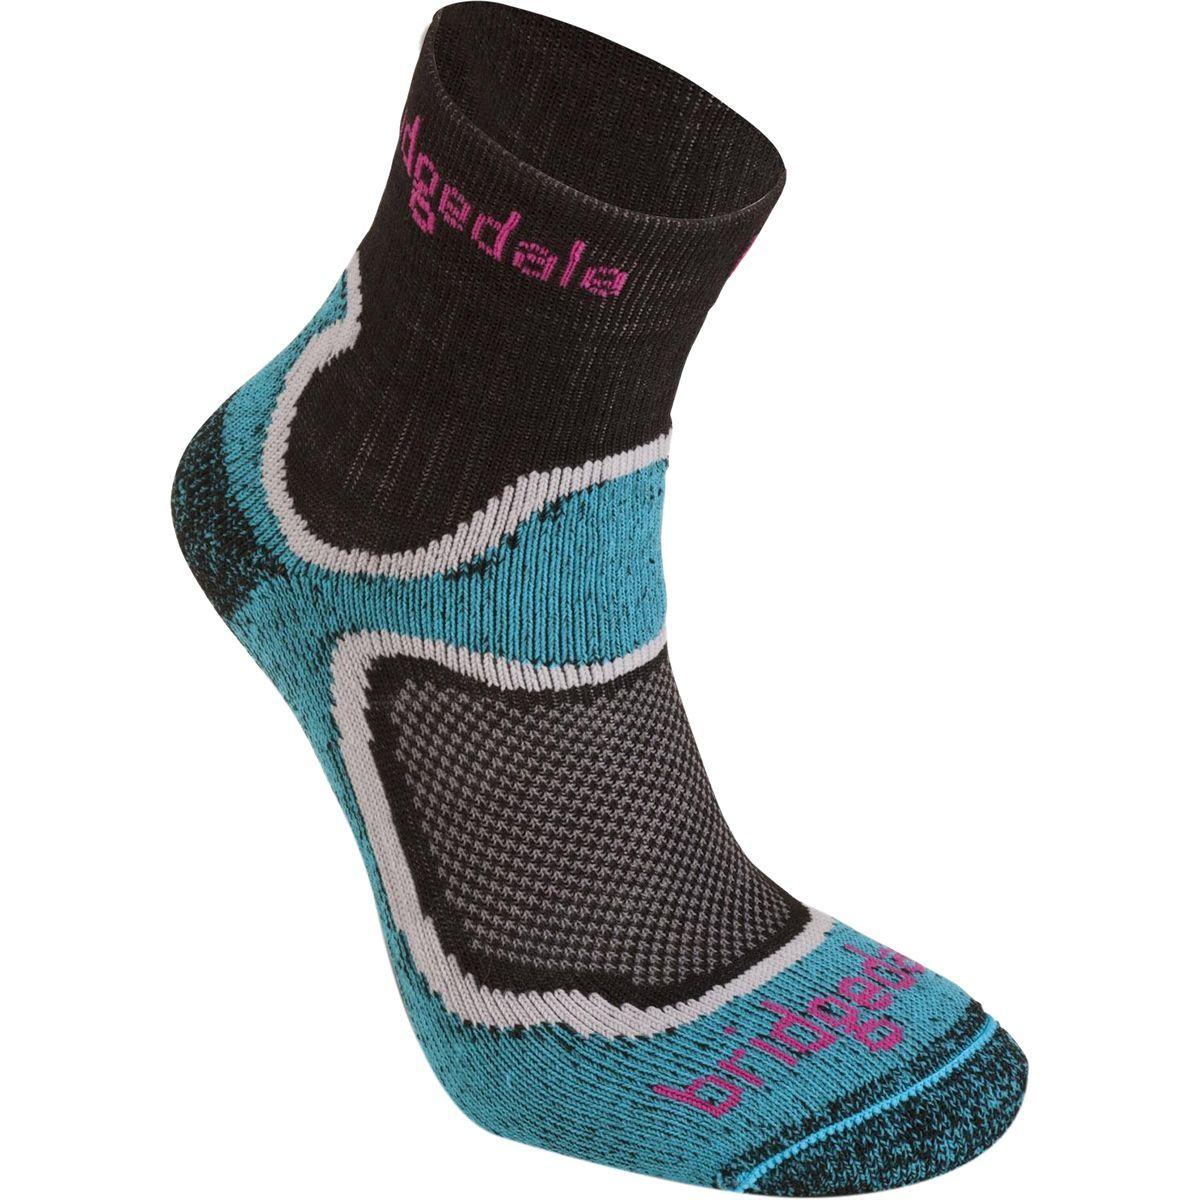 Bridgedale Trail Sport Lightweight Crew Sock - Women's